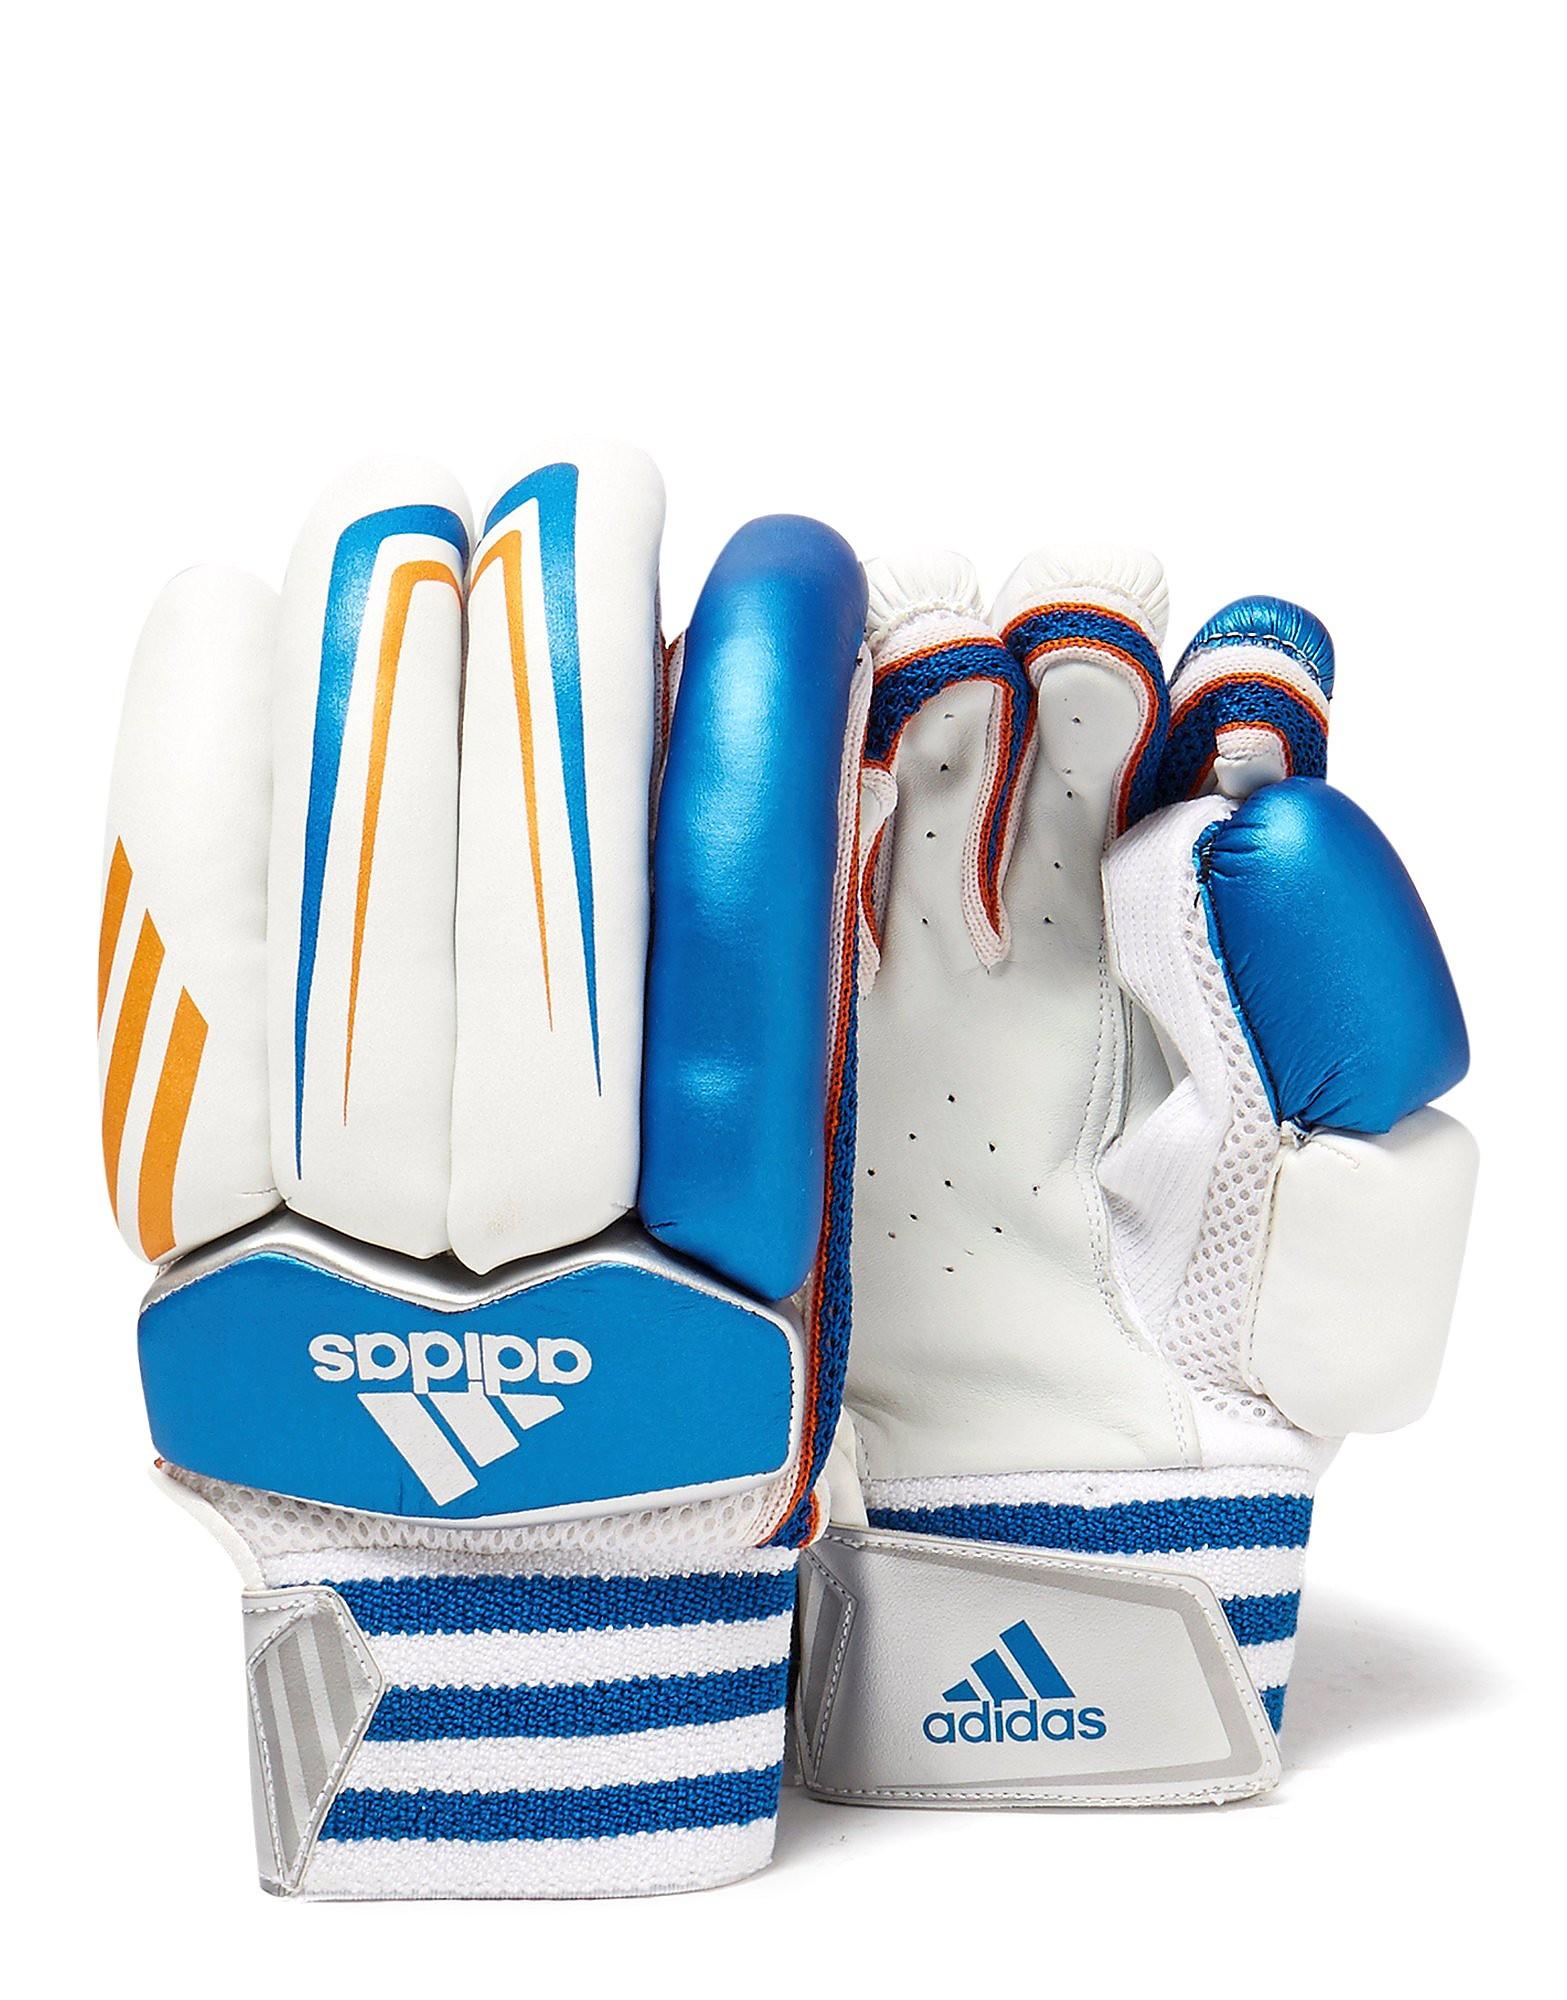 adidas Rookie Batting Gloves Junior